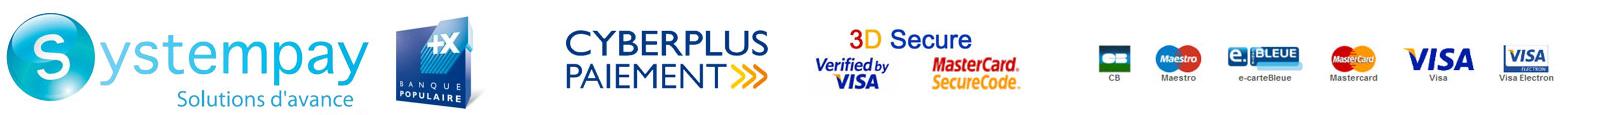 logo cyberplus paiement sécurisé